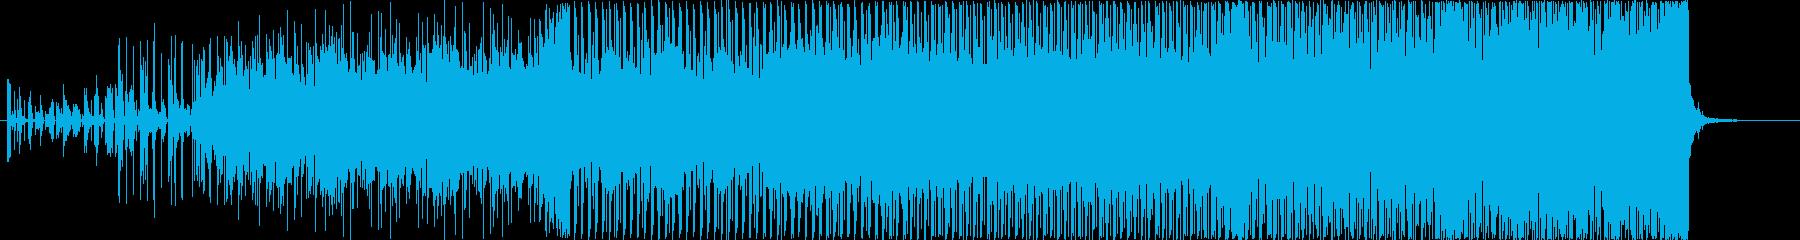 疾走感のある、デジタルギターロックの再生済みの波形